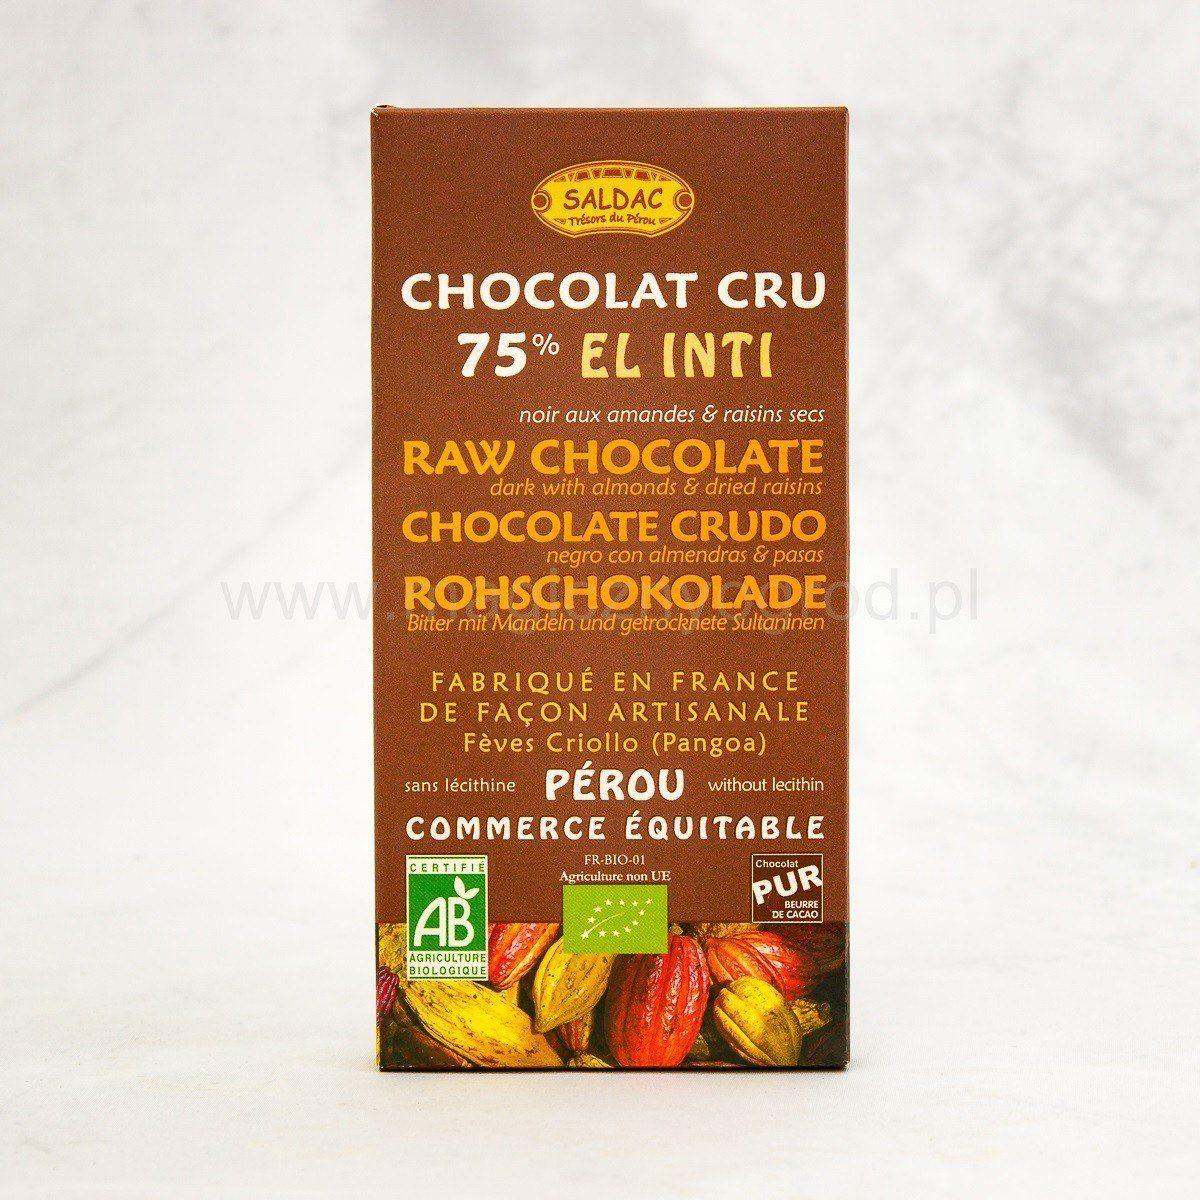 Czekolada ciemna 75% kakao Criollo z migdałami i rodzynkami